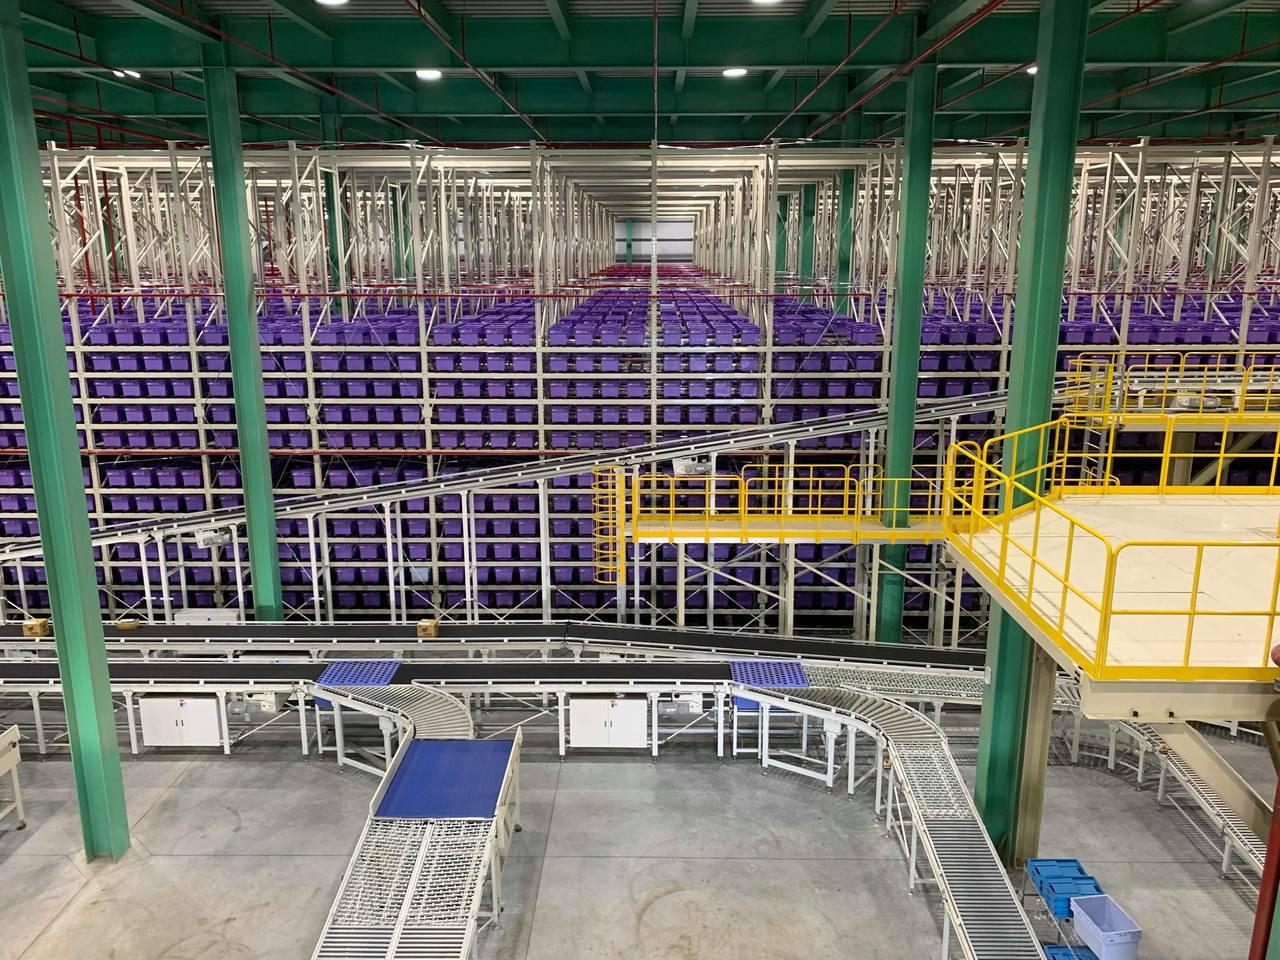 數萬個小箱子堆疊起的紫色帝國,現場震撼感十足。記者徐力剛/攝影